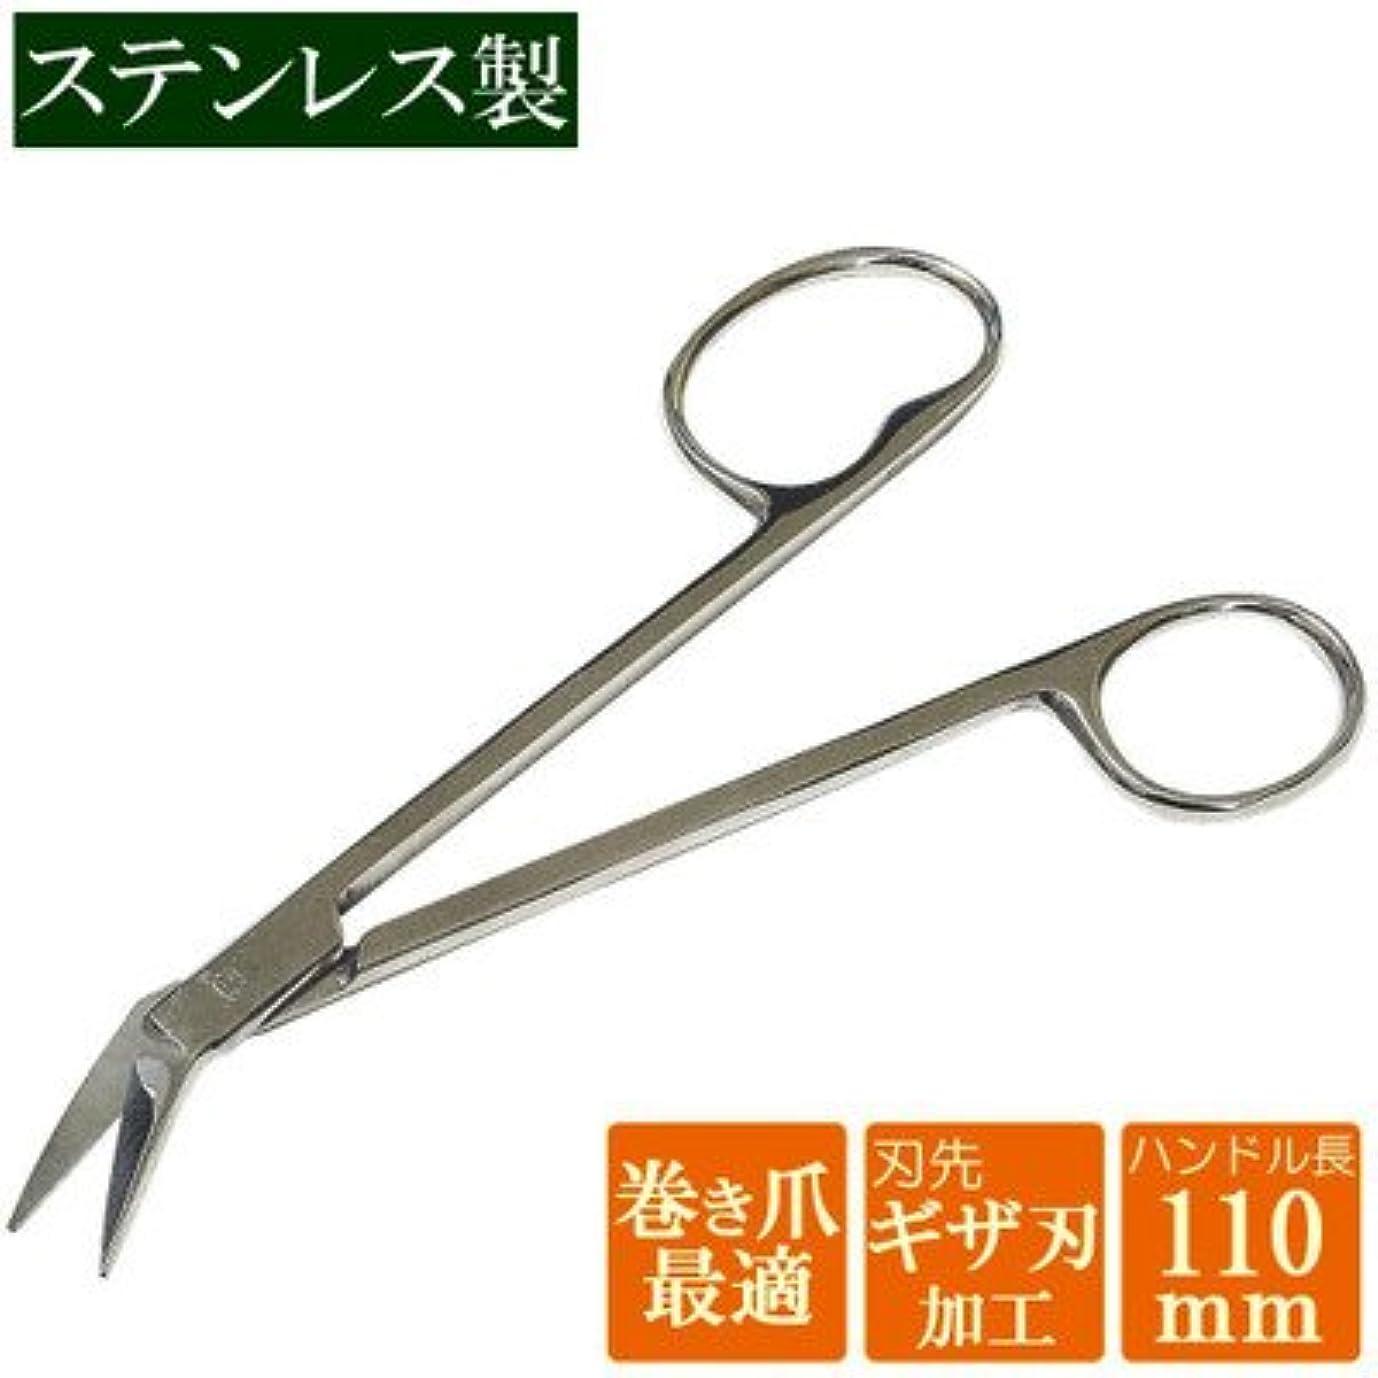 フラップ談話に頼る88021 ロング足用爪切りハサミ 自由なラインで切れる足用爪切りハサミ